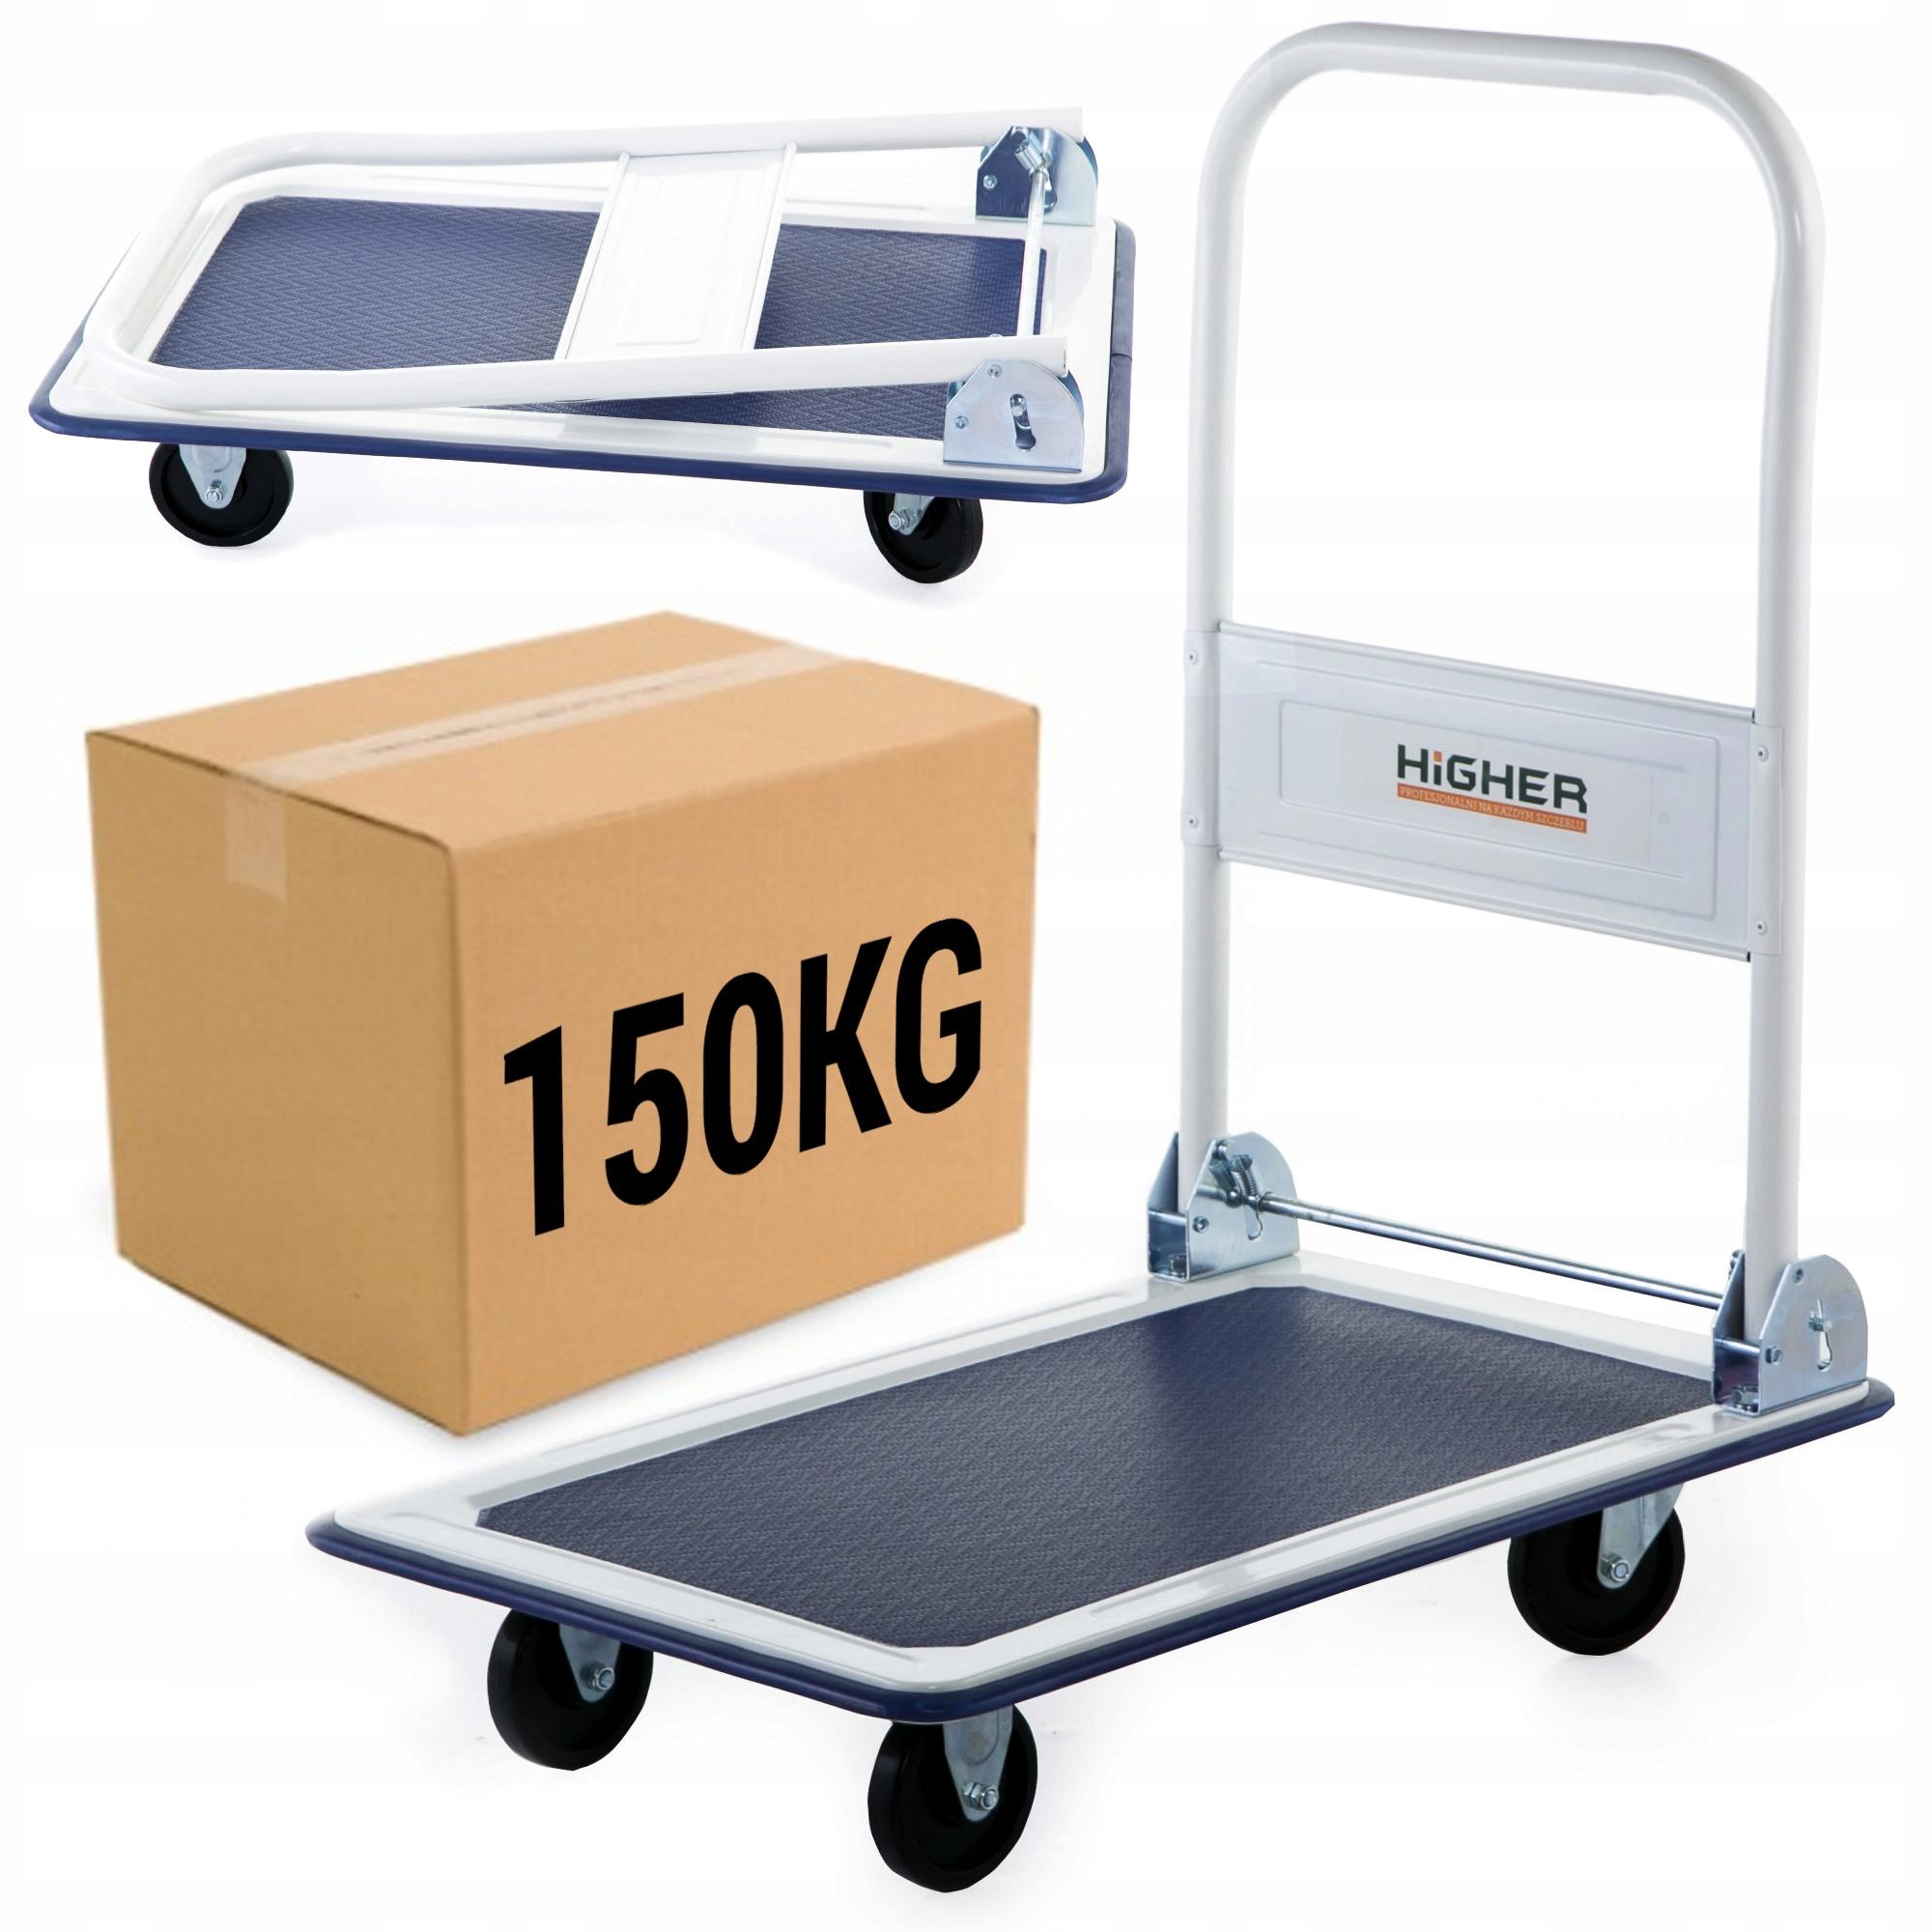 коляска platformowy транспортный позиция Сто пятьдесят кг